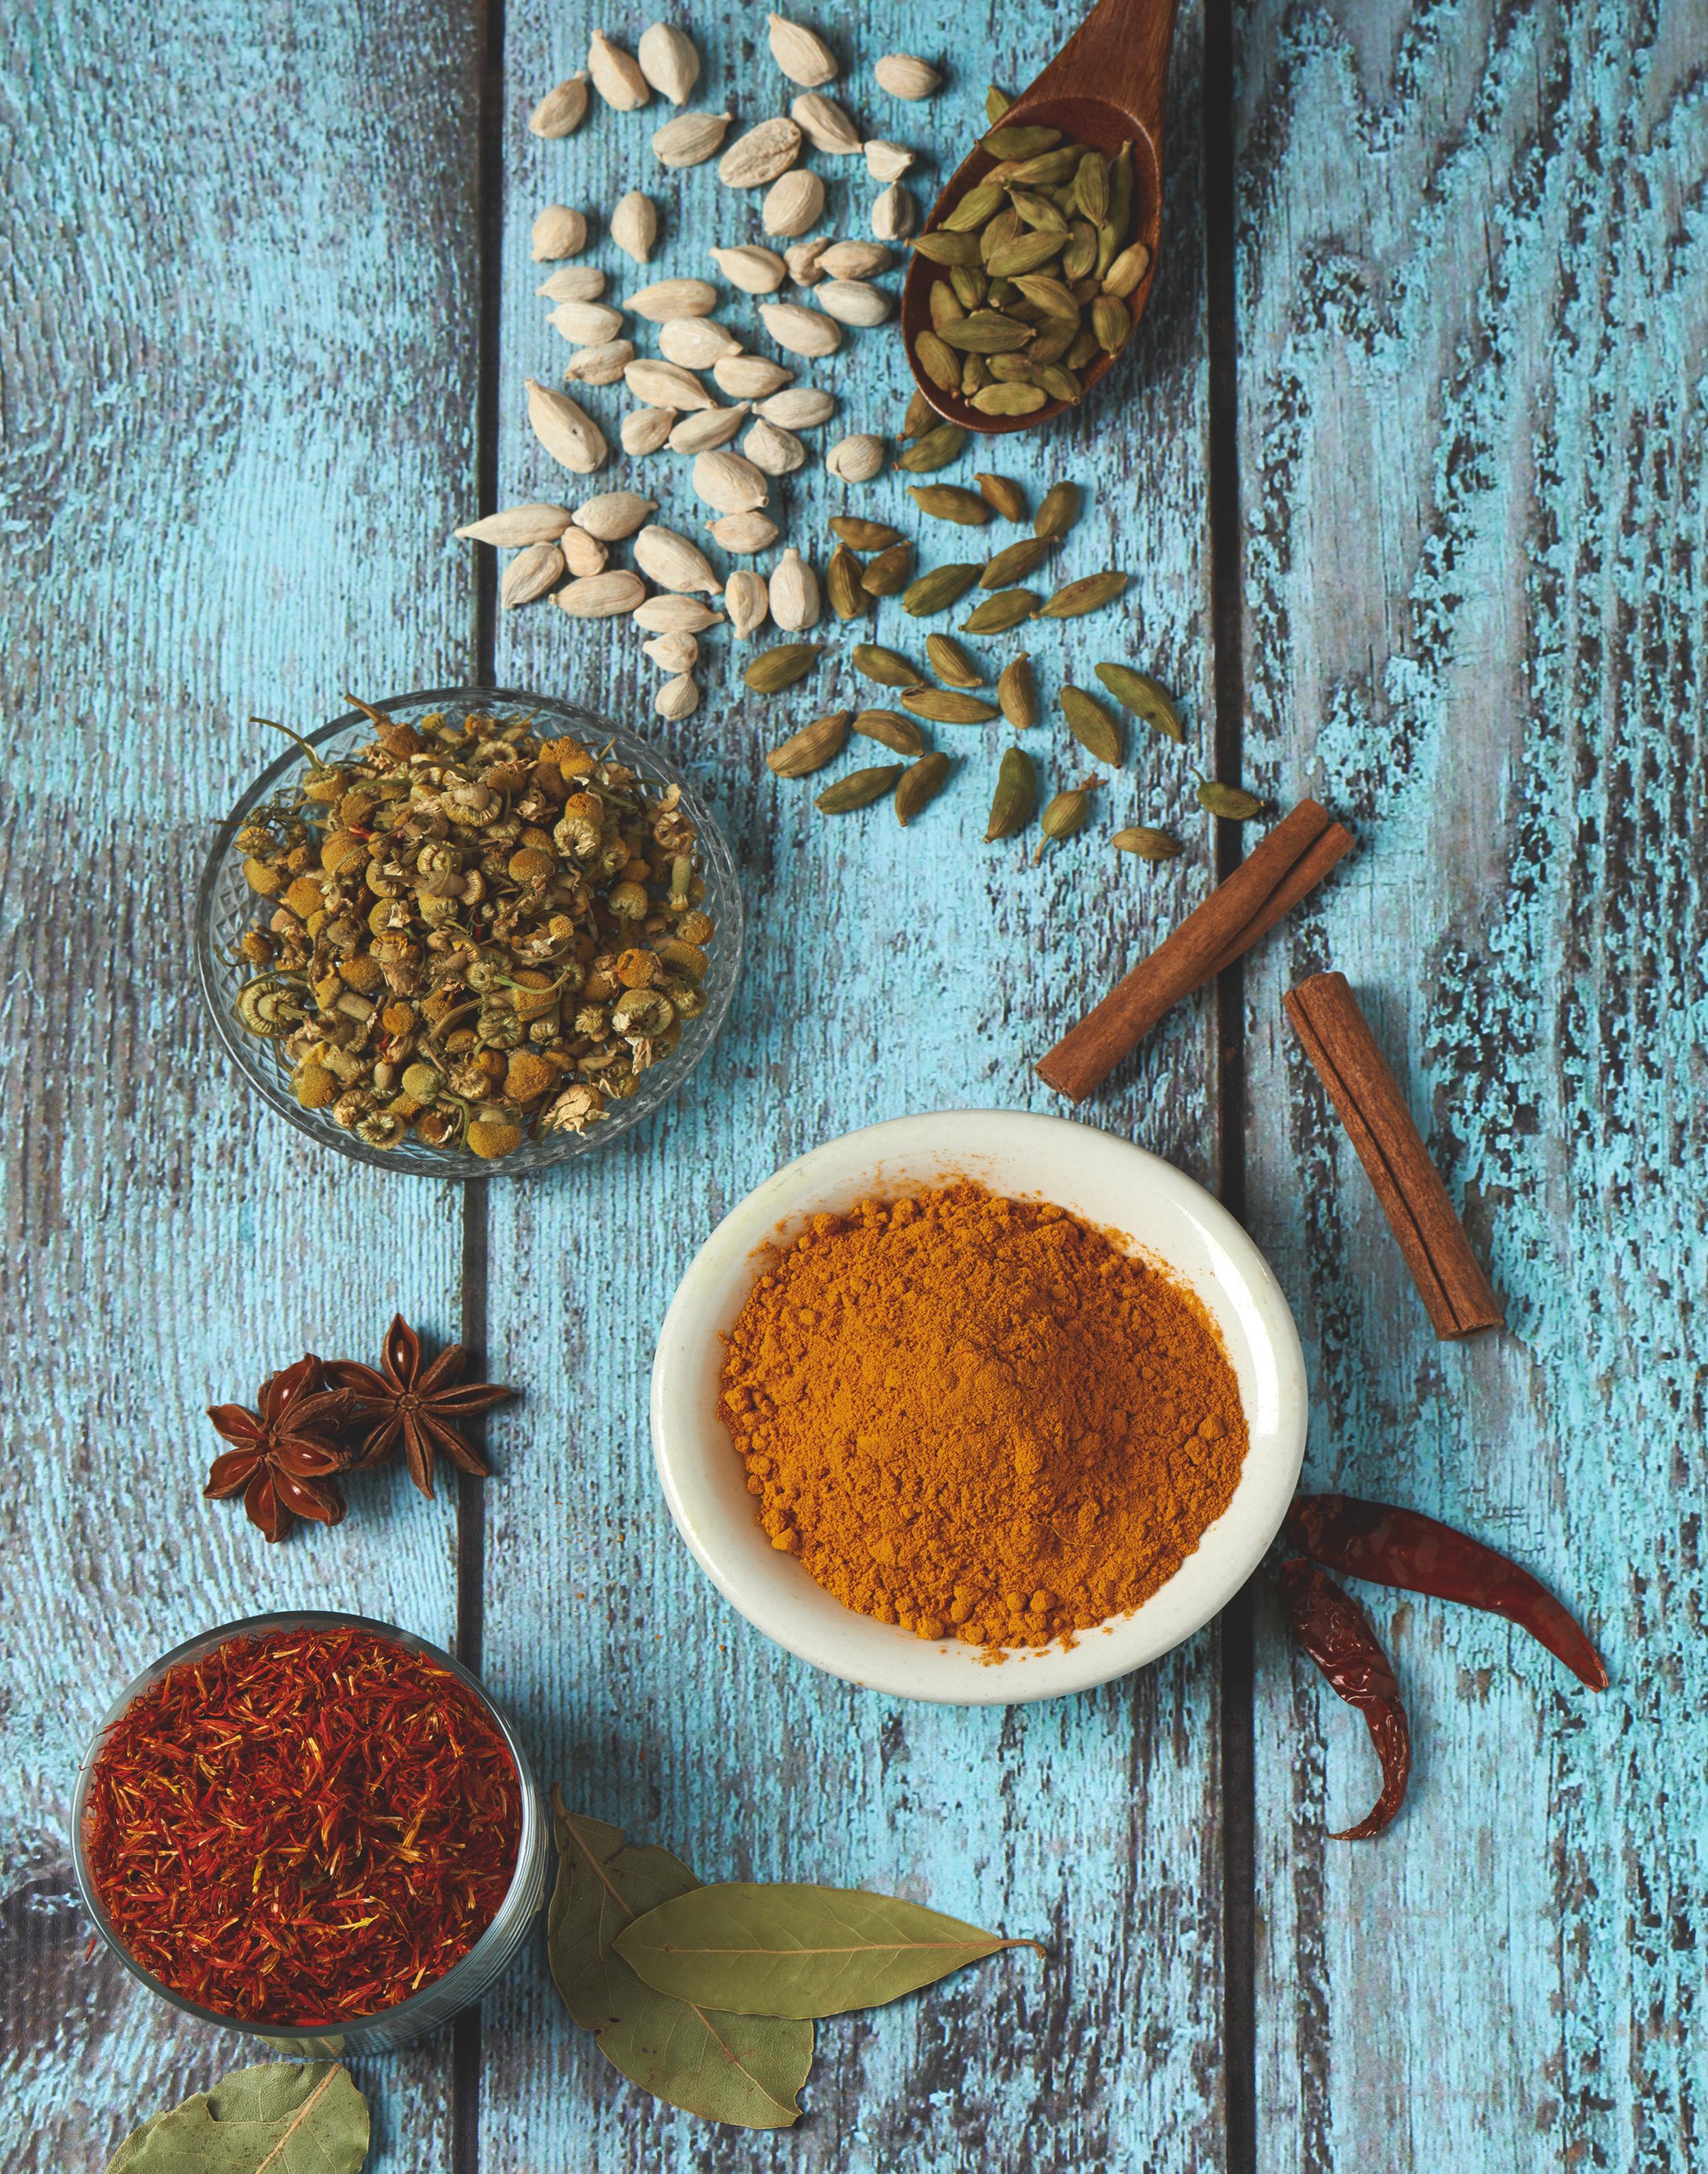 StillLife_Spices2nd4145.jpg